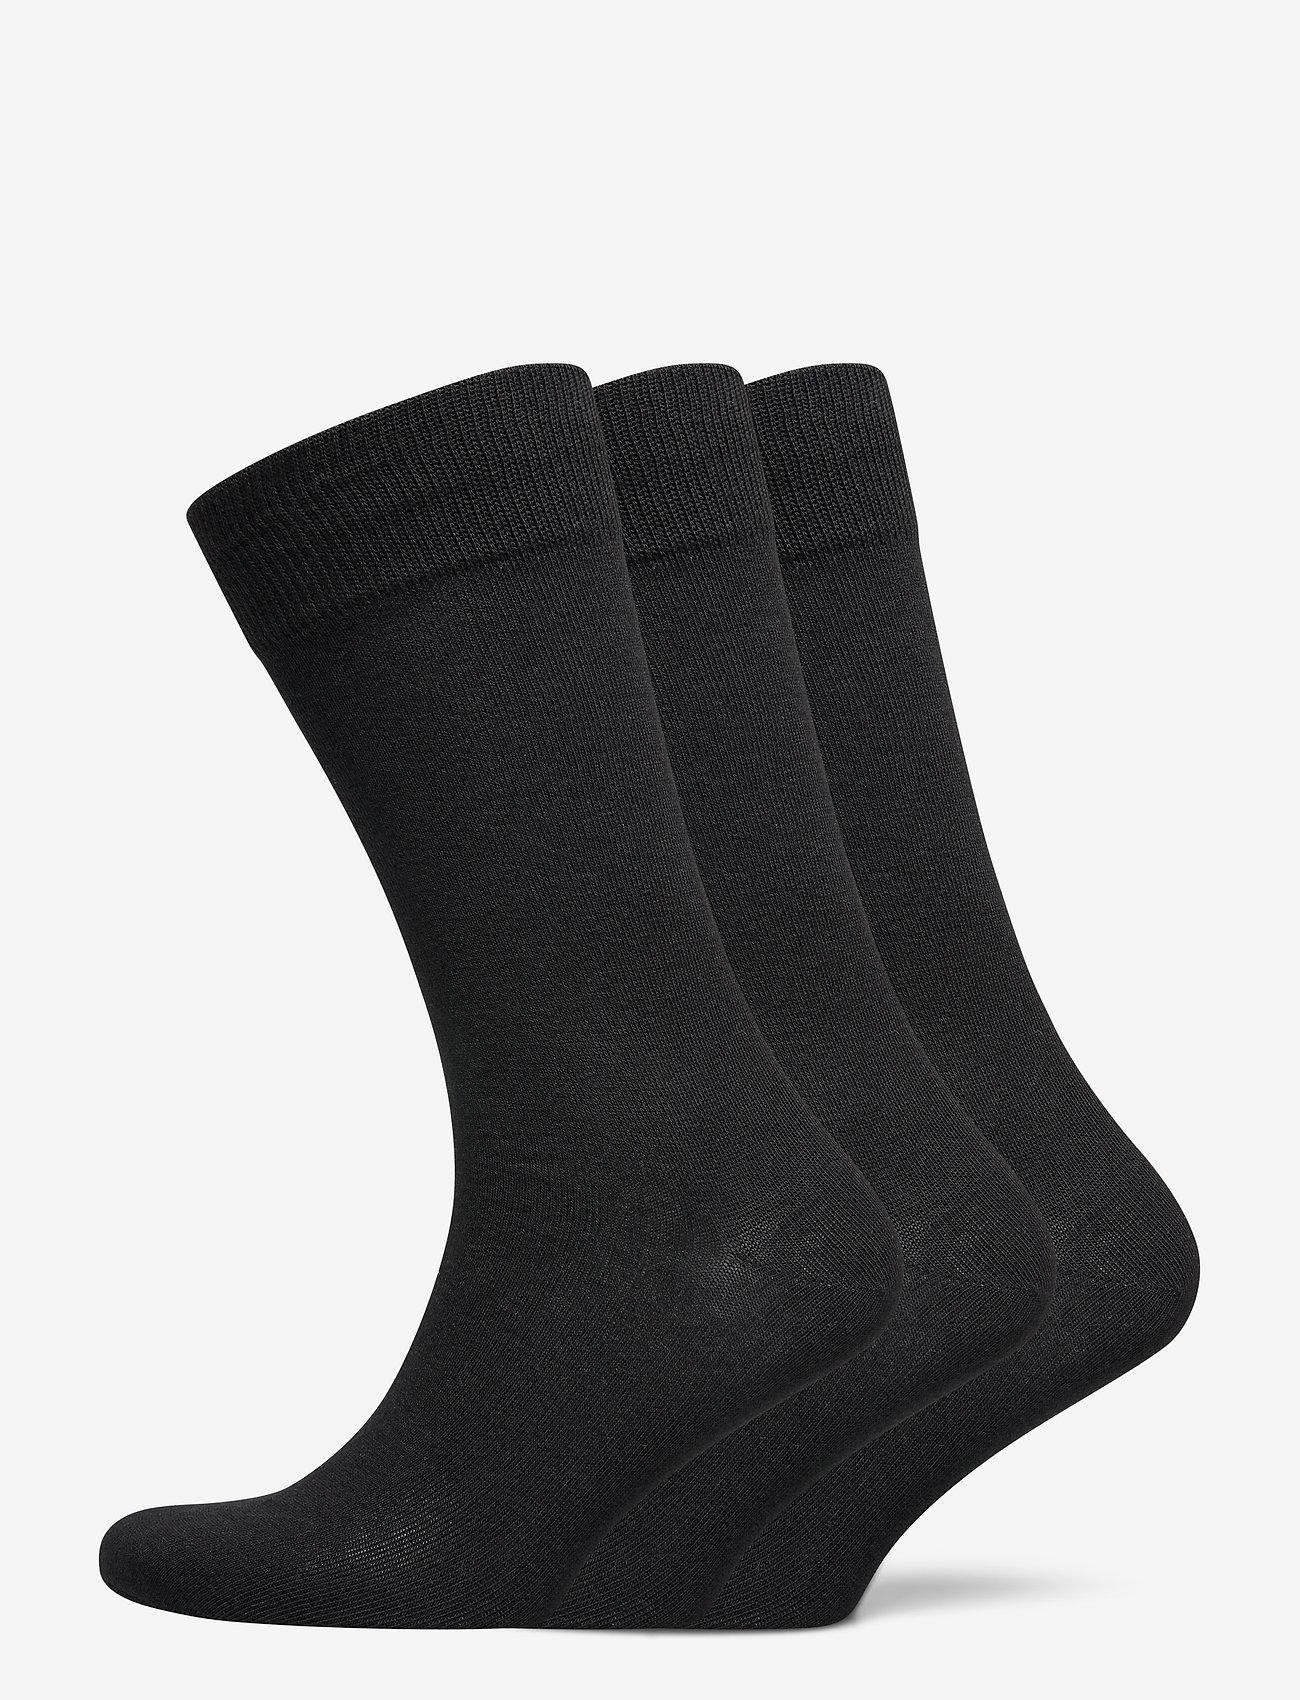 Selected Homme - SLH3-PACK COTTON SOCK - chaussettes régulières - black - 0